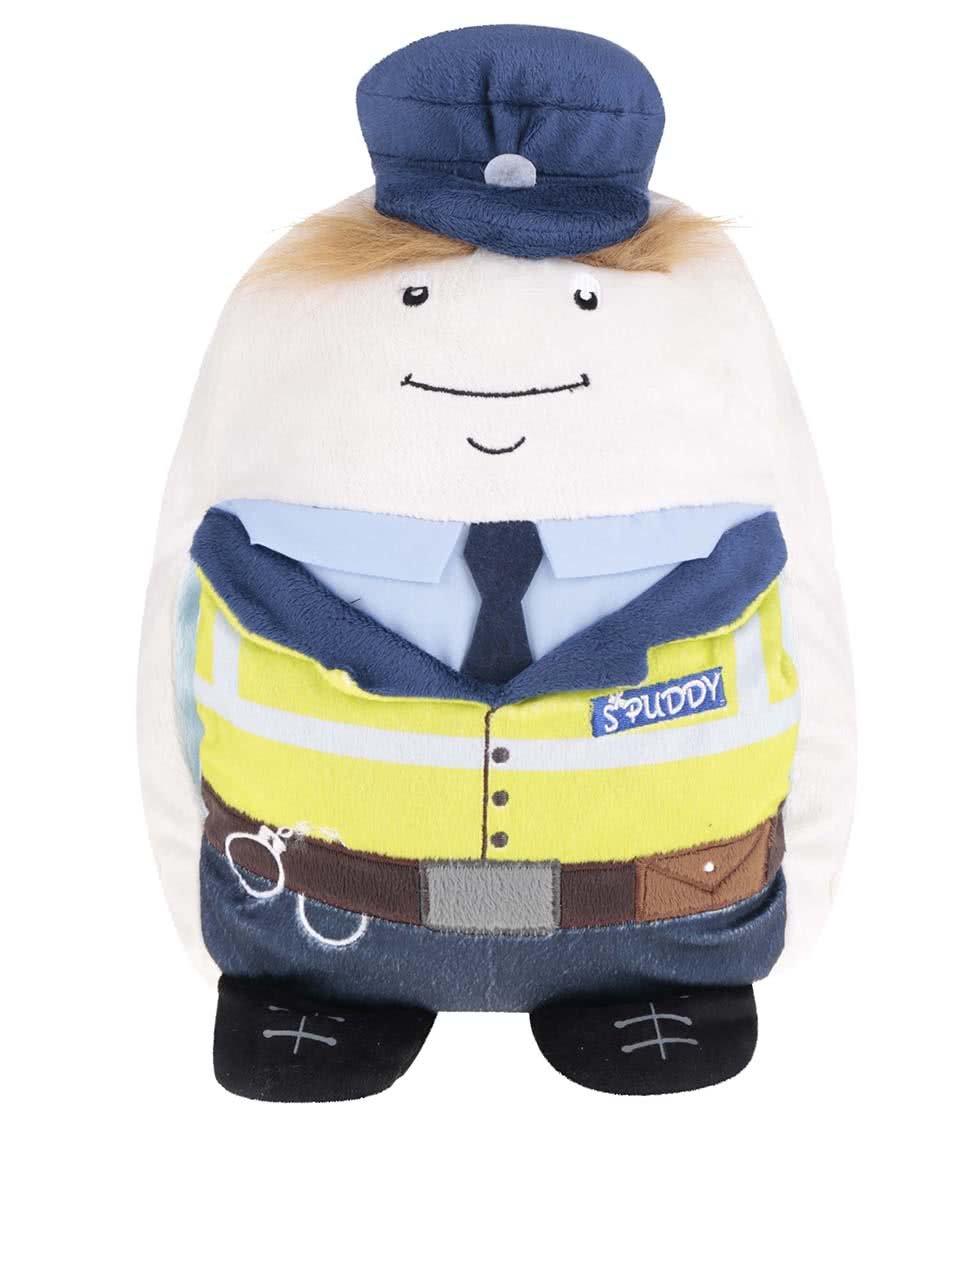 Plyšový polštář Something Special Spuddy Policeman